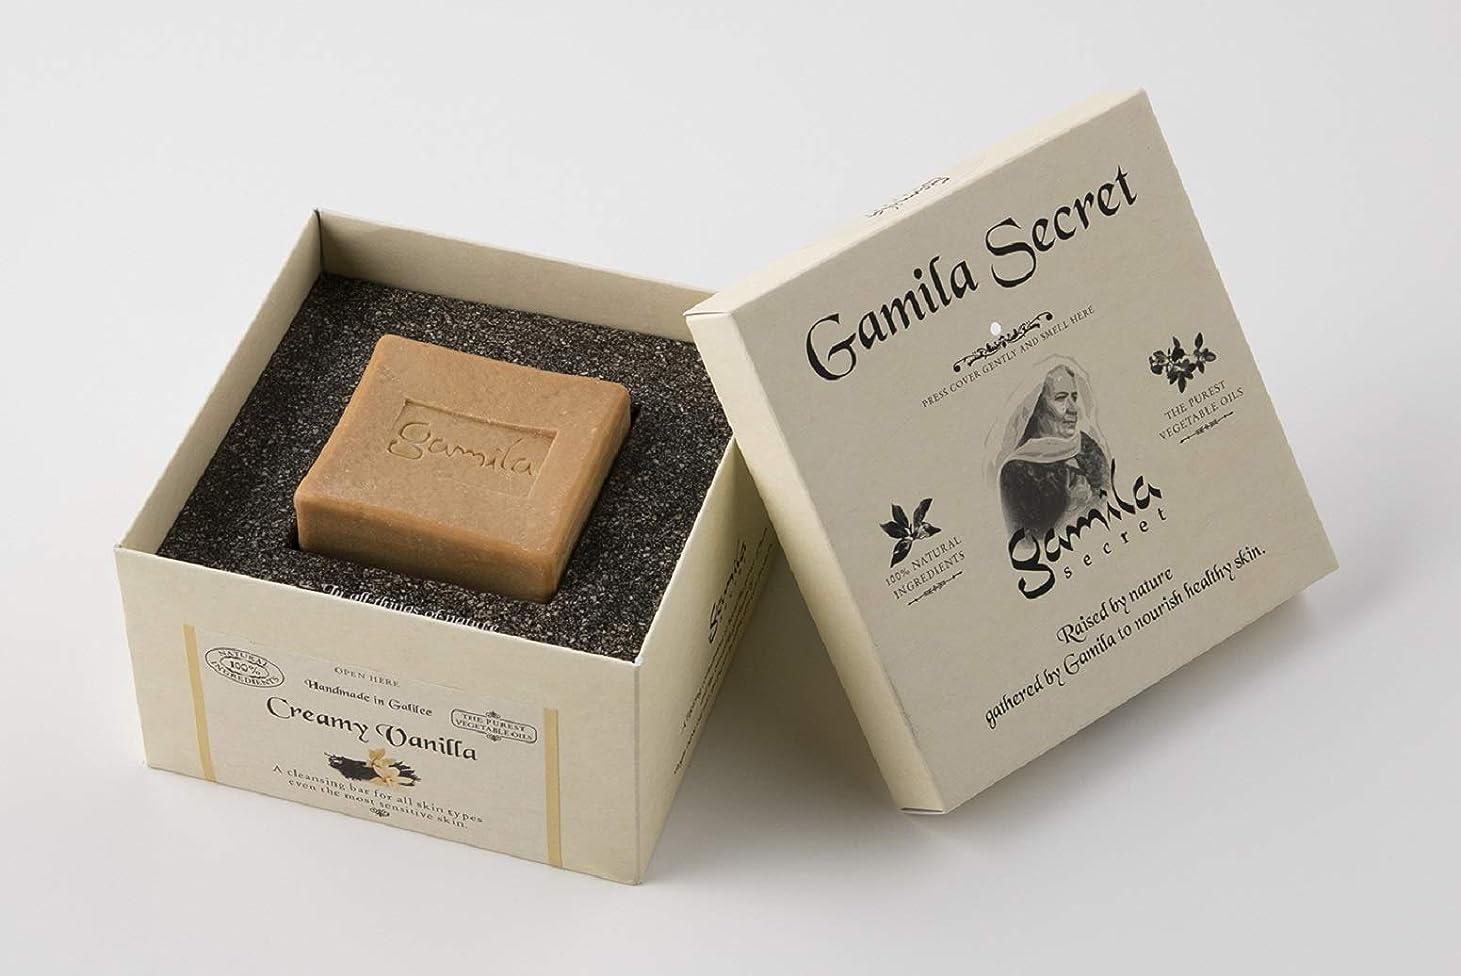 レクリエーション兵器庫教育学Gamila secret(ガミラシークレット) バニラ 約115g 数量限定品